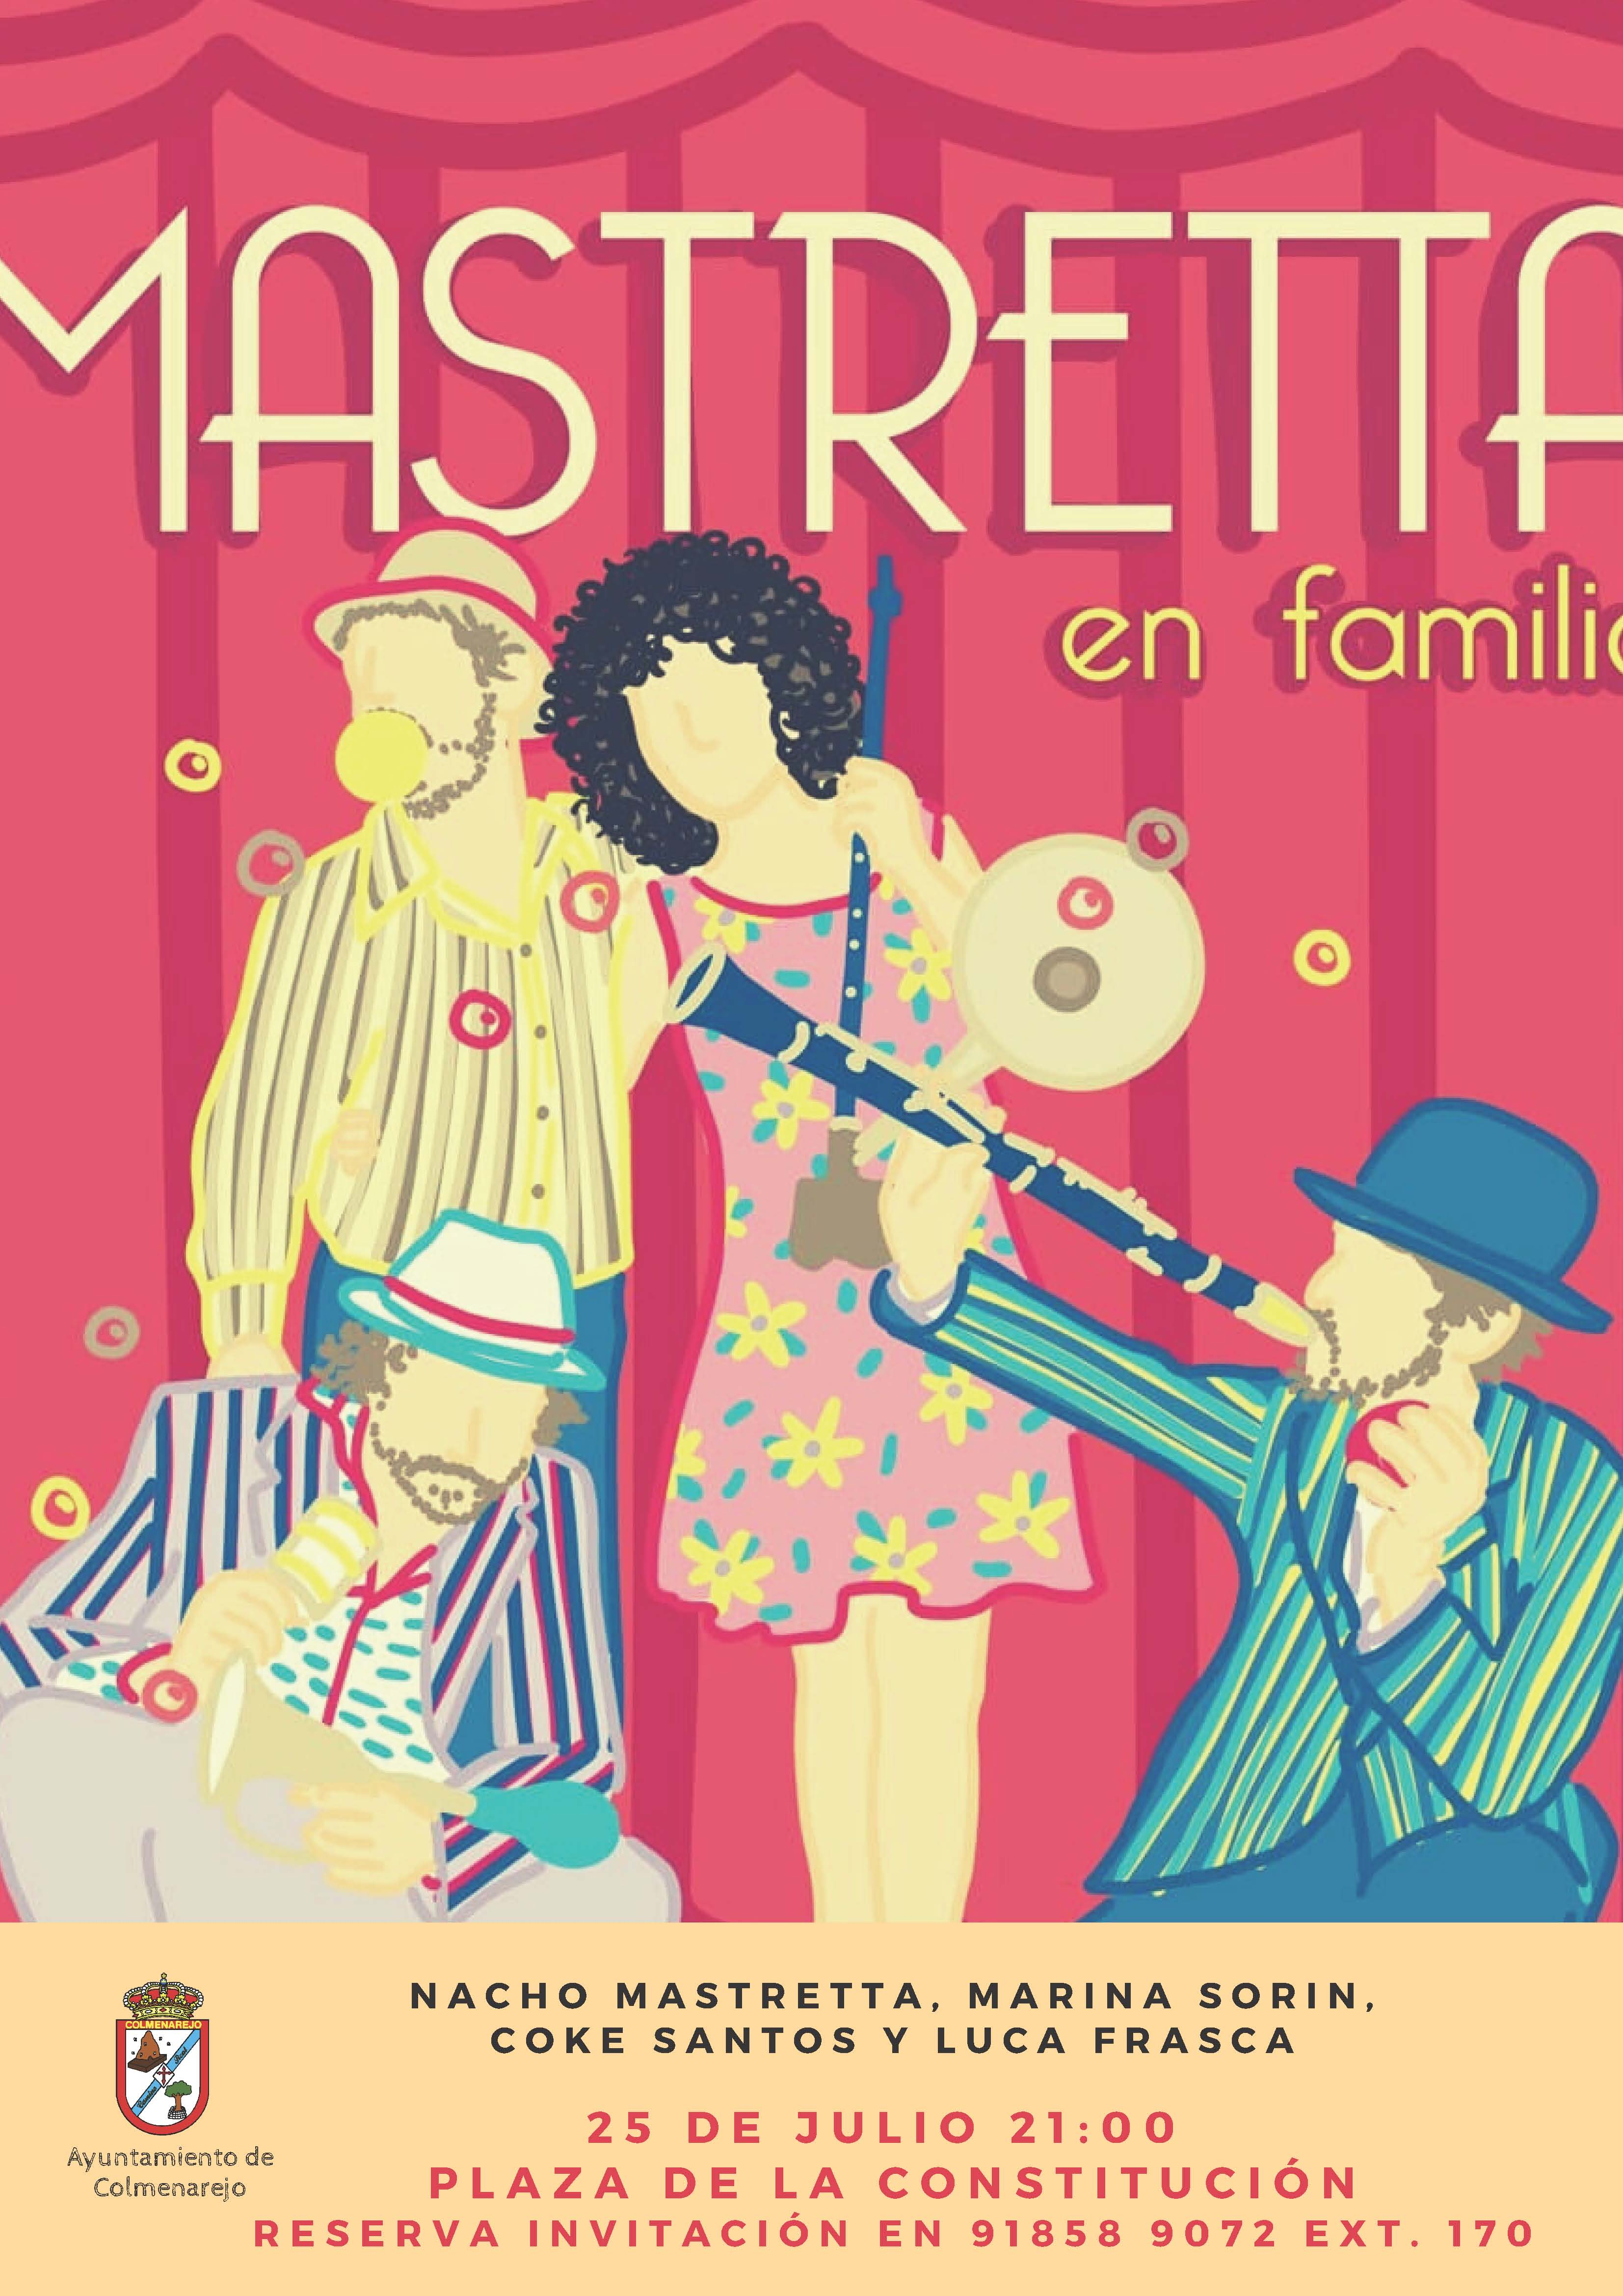 Verano cultural: MASTRETTA EN FAMILIA @ Plaza de la Constitución